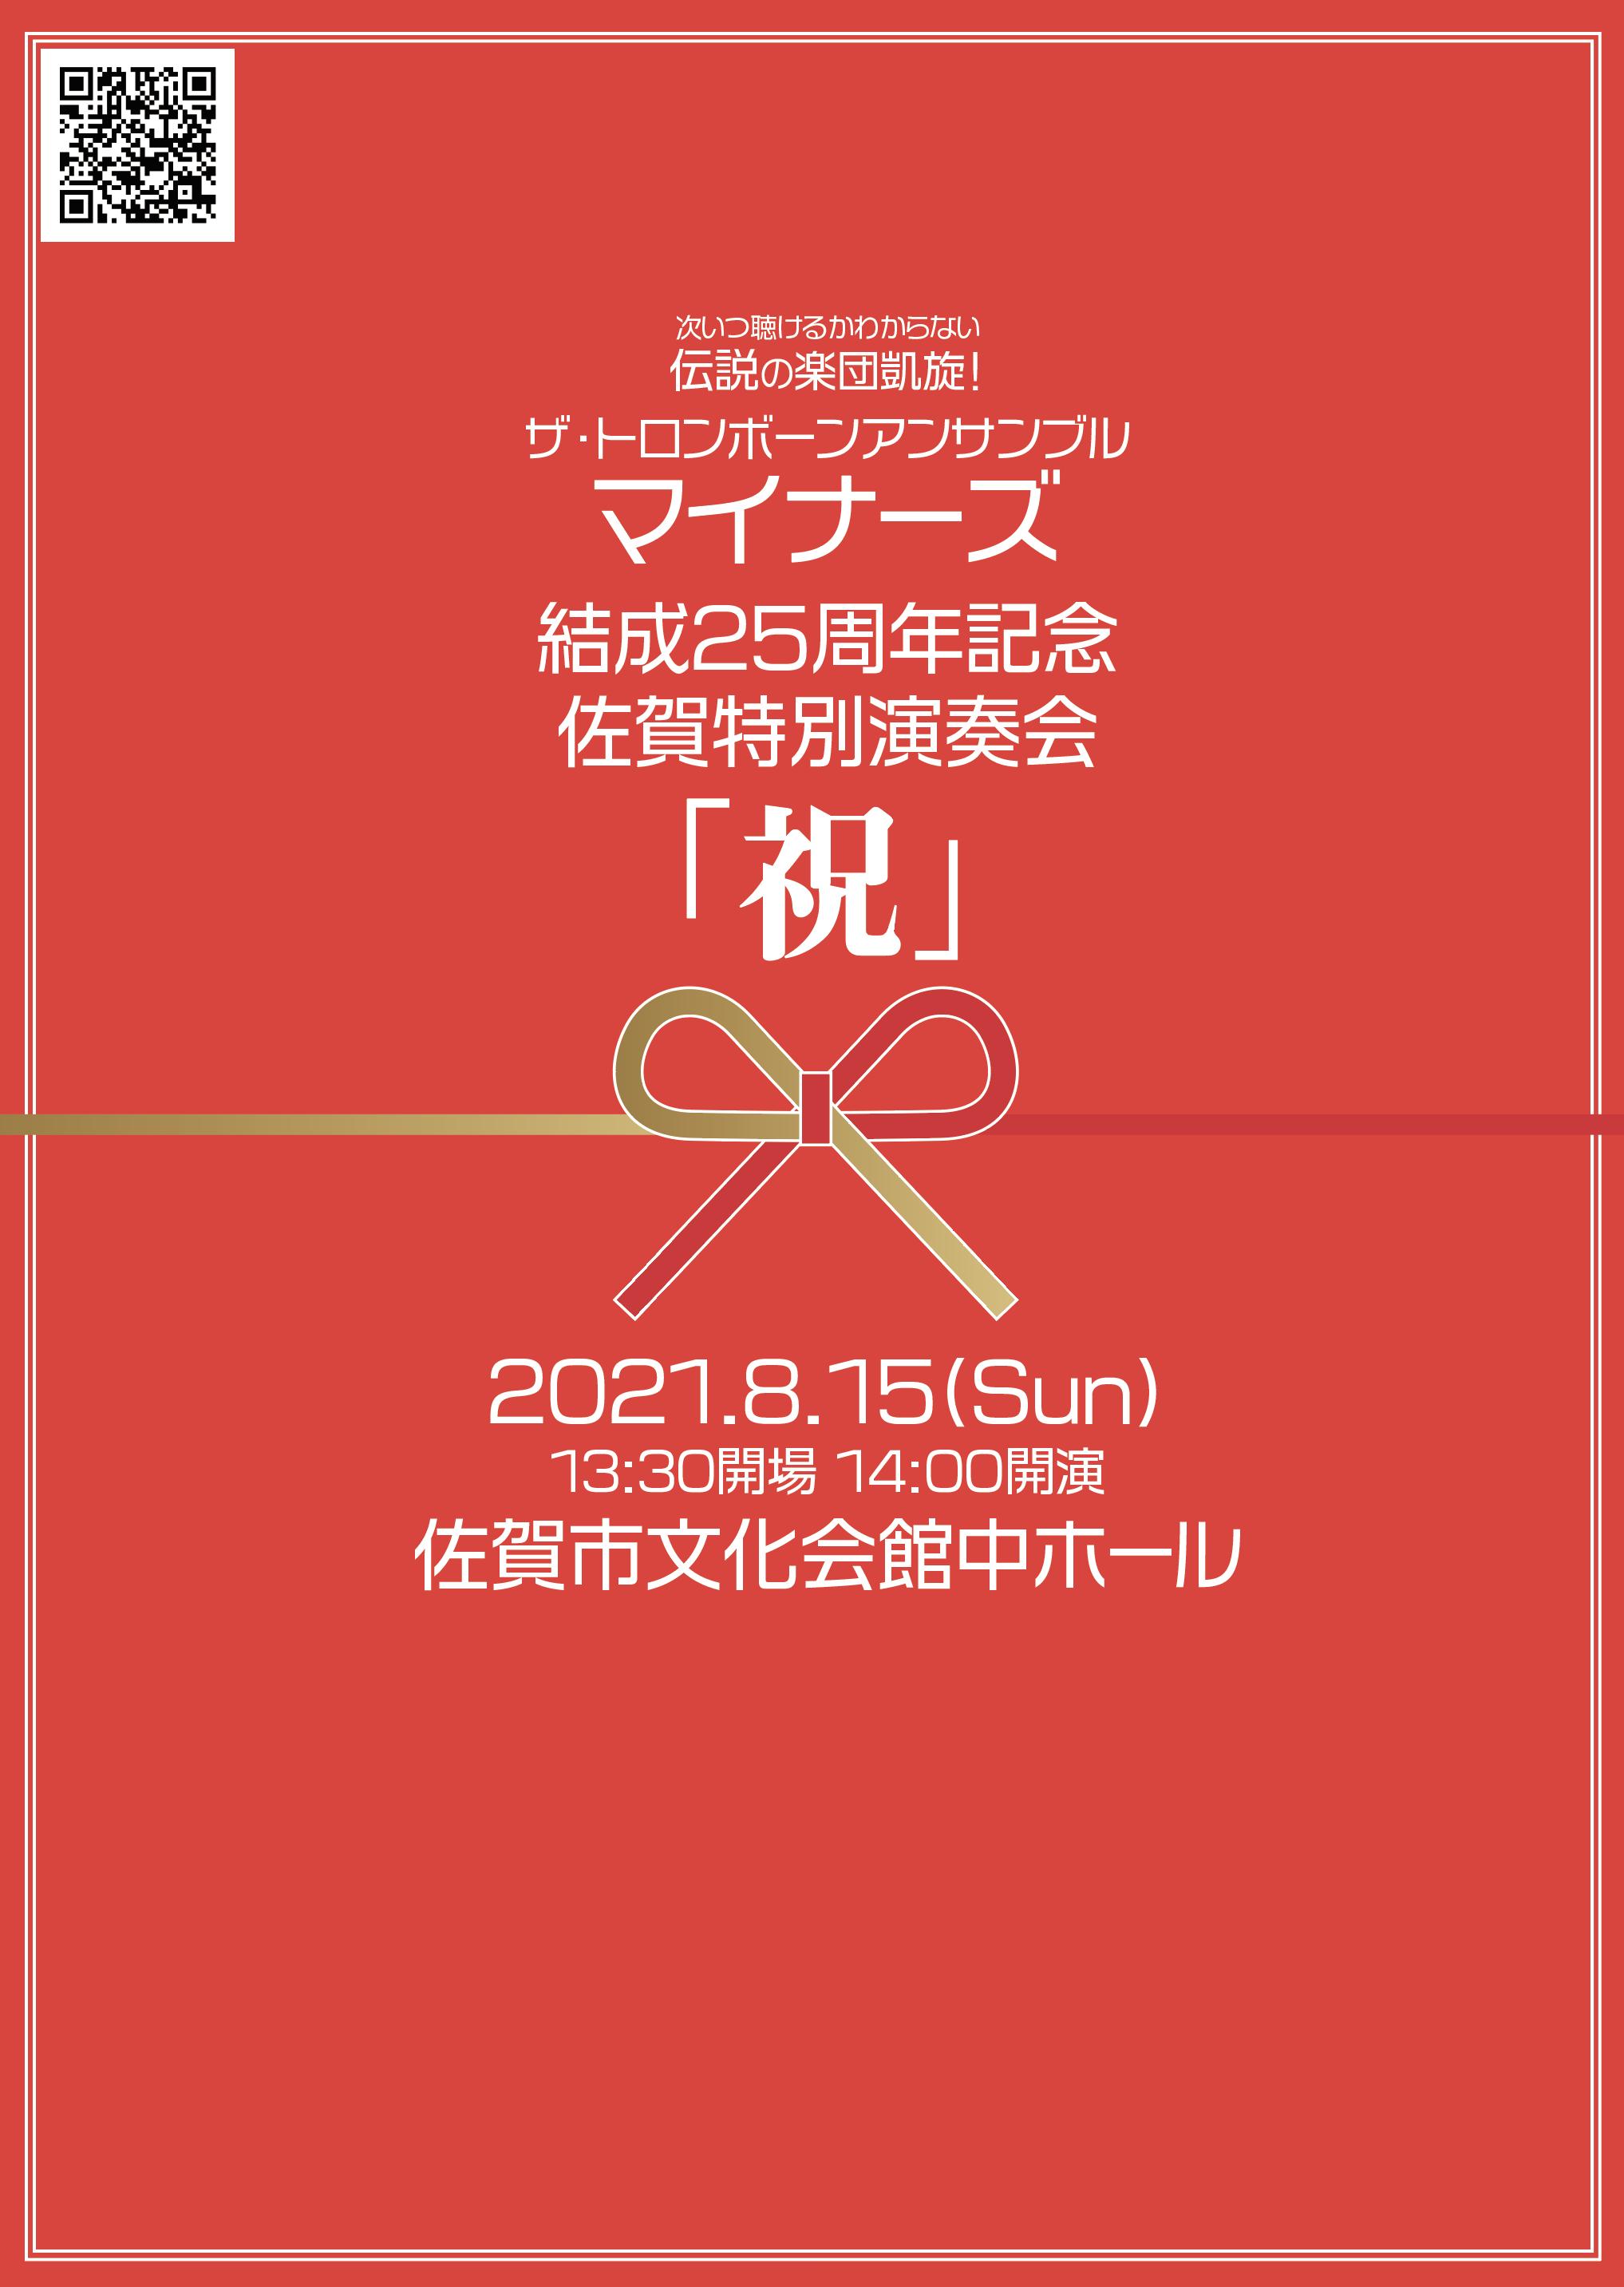 結成25周年記念佐賀特別演奏会「祝」